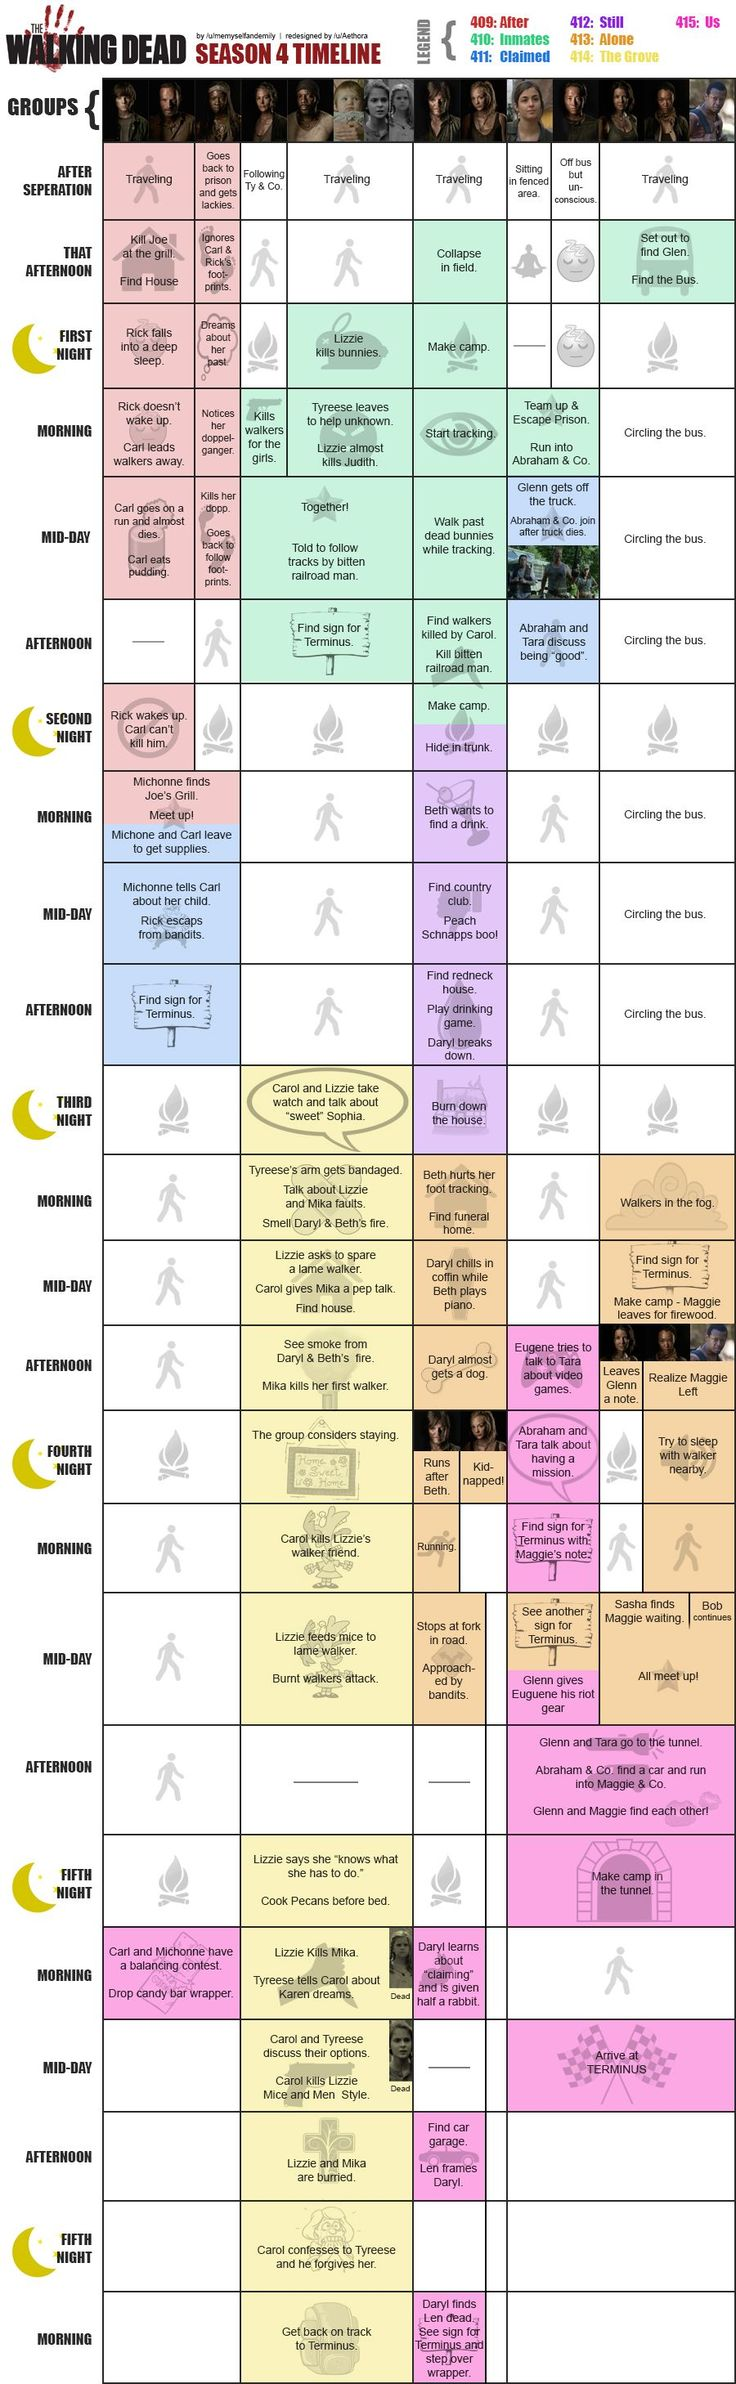 The Walking Dead Season 4 Timeline as of episode 15, us